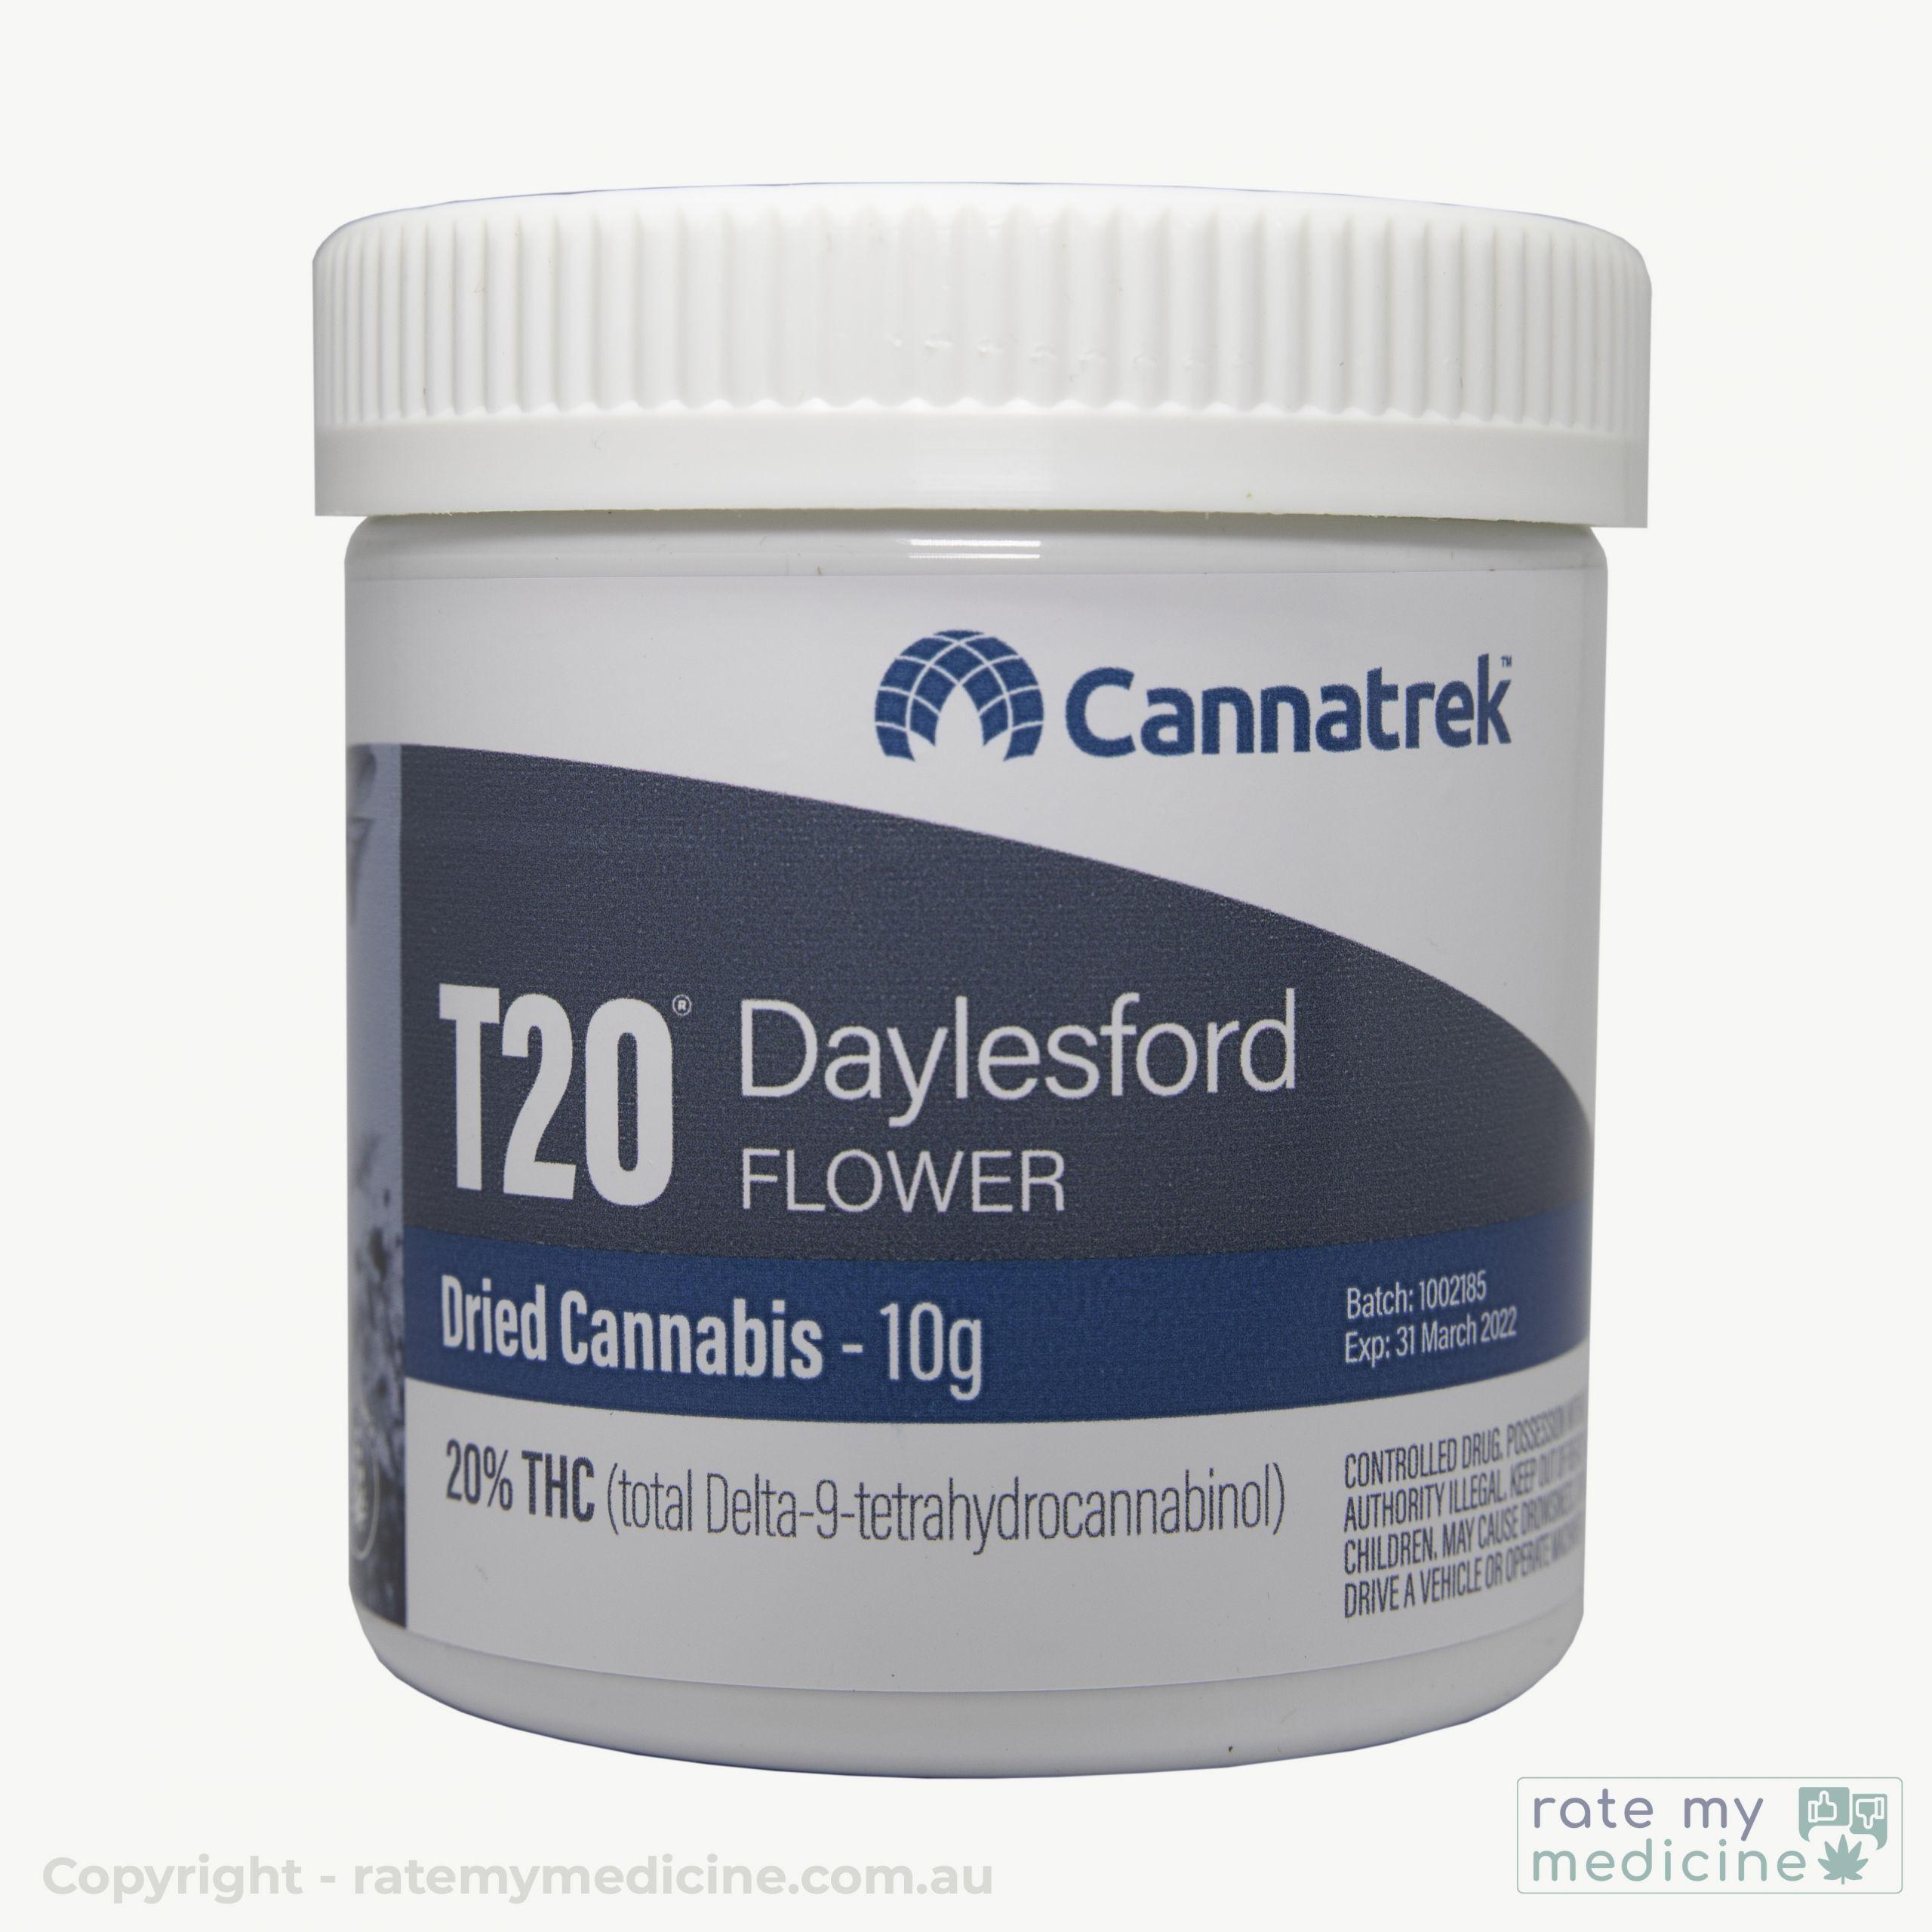 Cannatrek Daylesford Flower Front